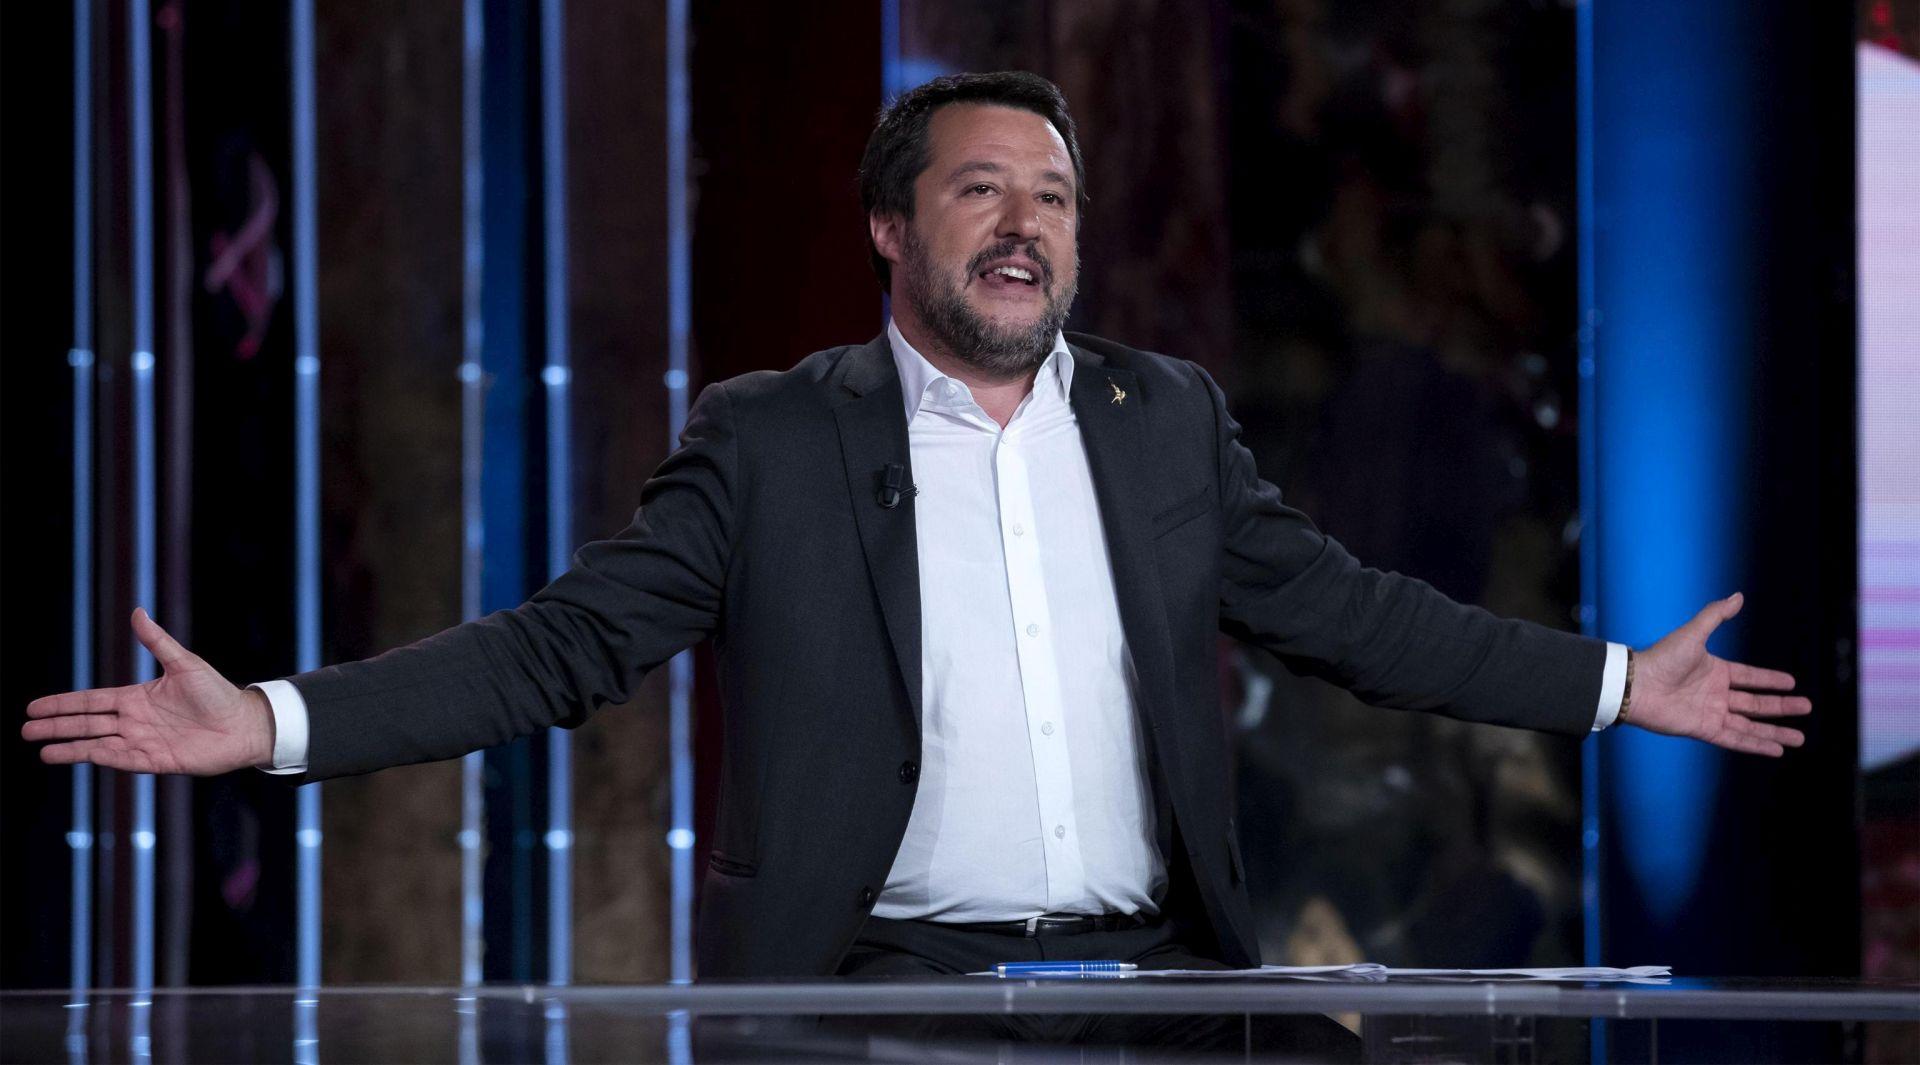 Migranti iskrcani na Lampedusu, Salvini ljutit